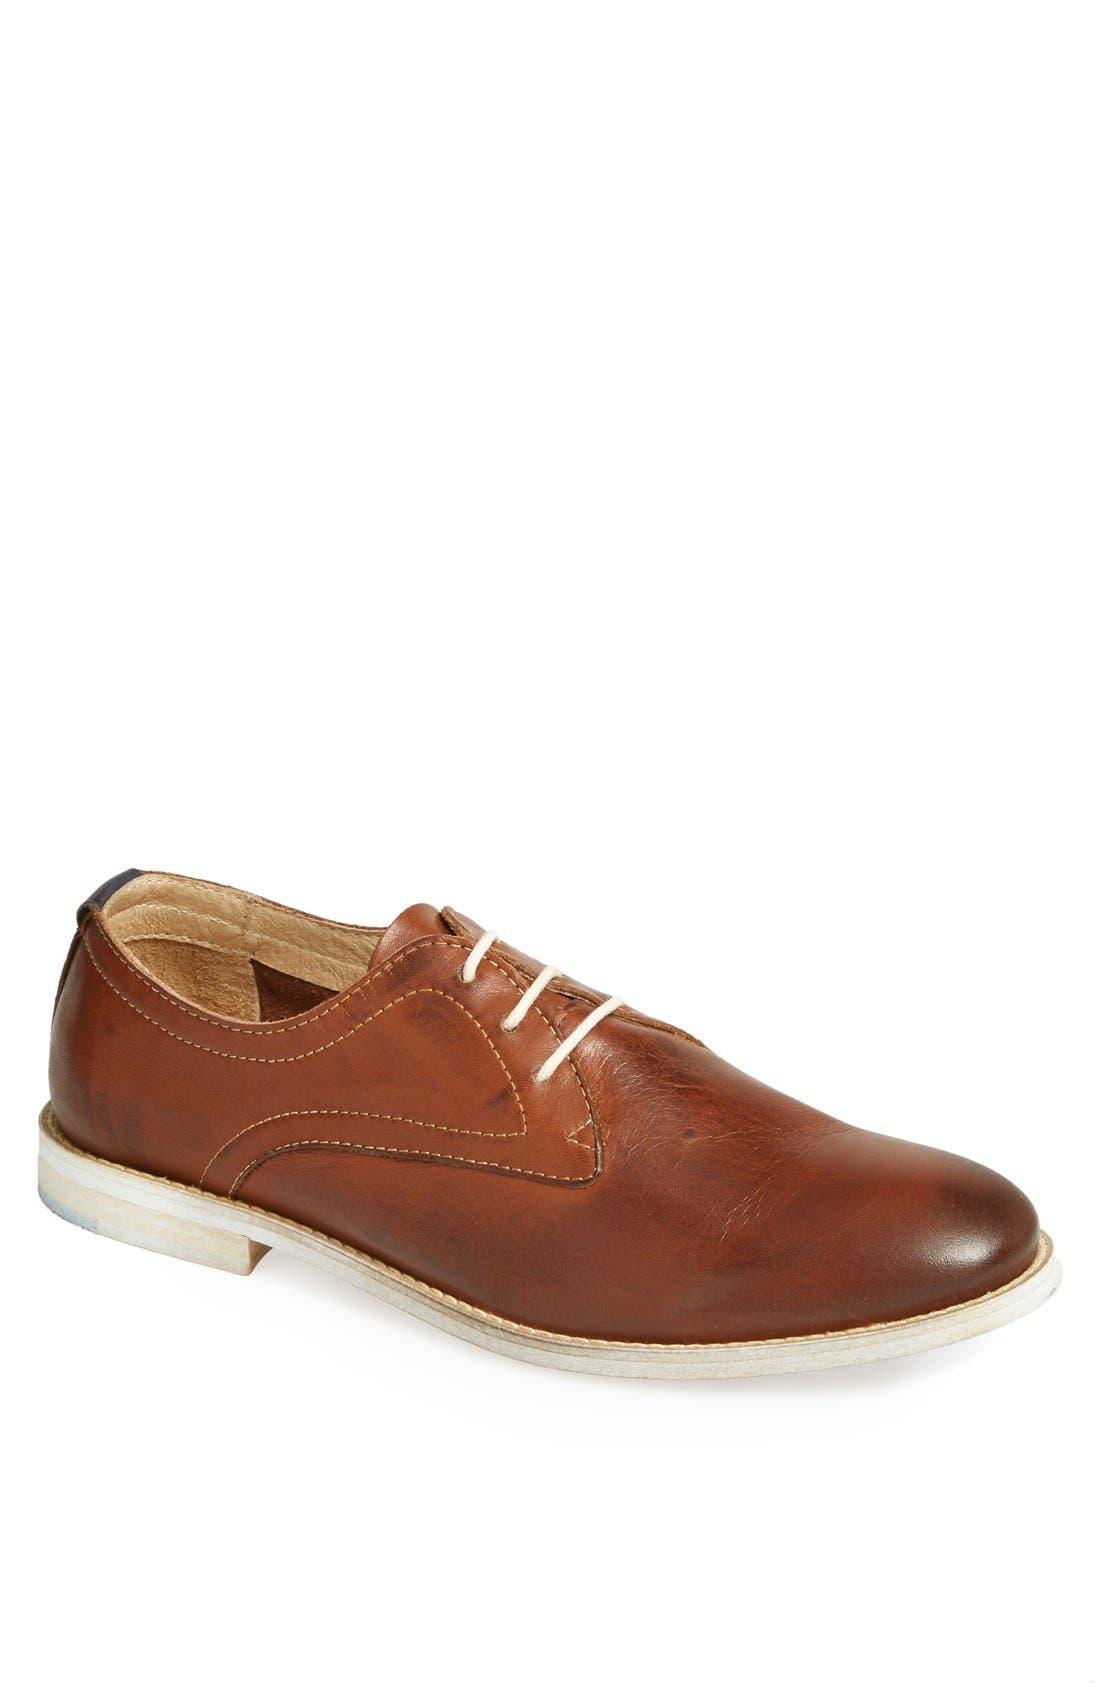 Main Image - ALDO 'Bovell' Plain Toe Derby (Men)